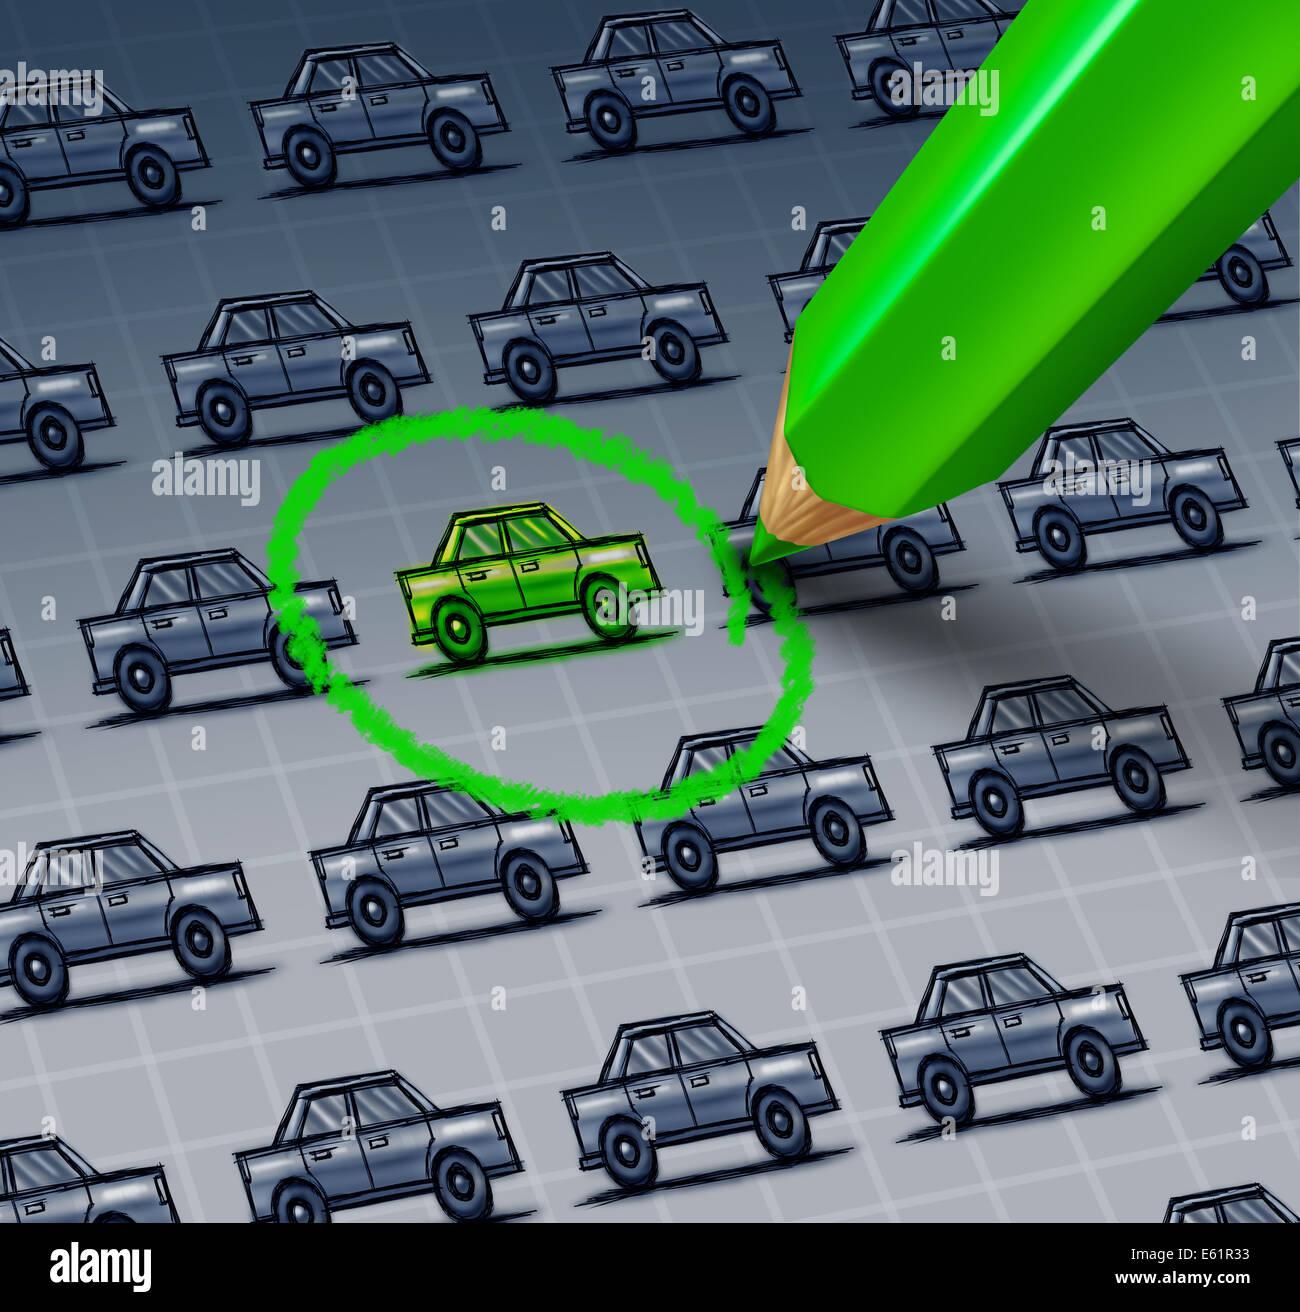 Grünes Auto Wahl Konzept als eine Zeichnung von einer Gruppe von Autos mit einem grünen Bleistift zeichnen Stockbild